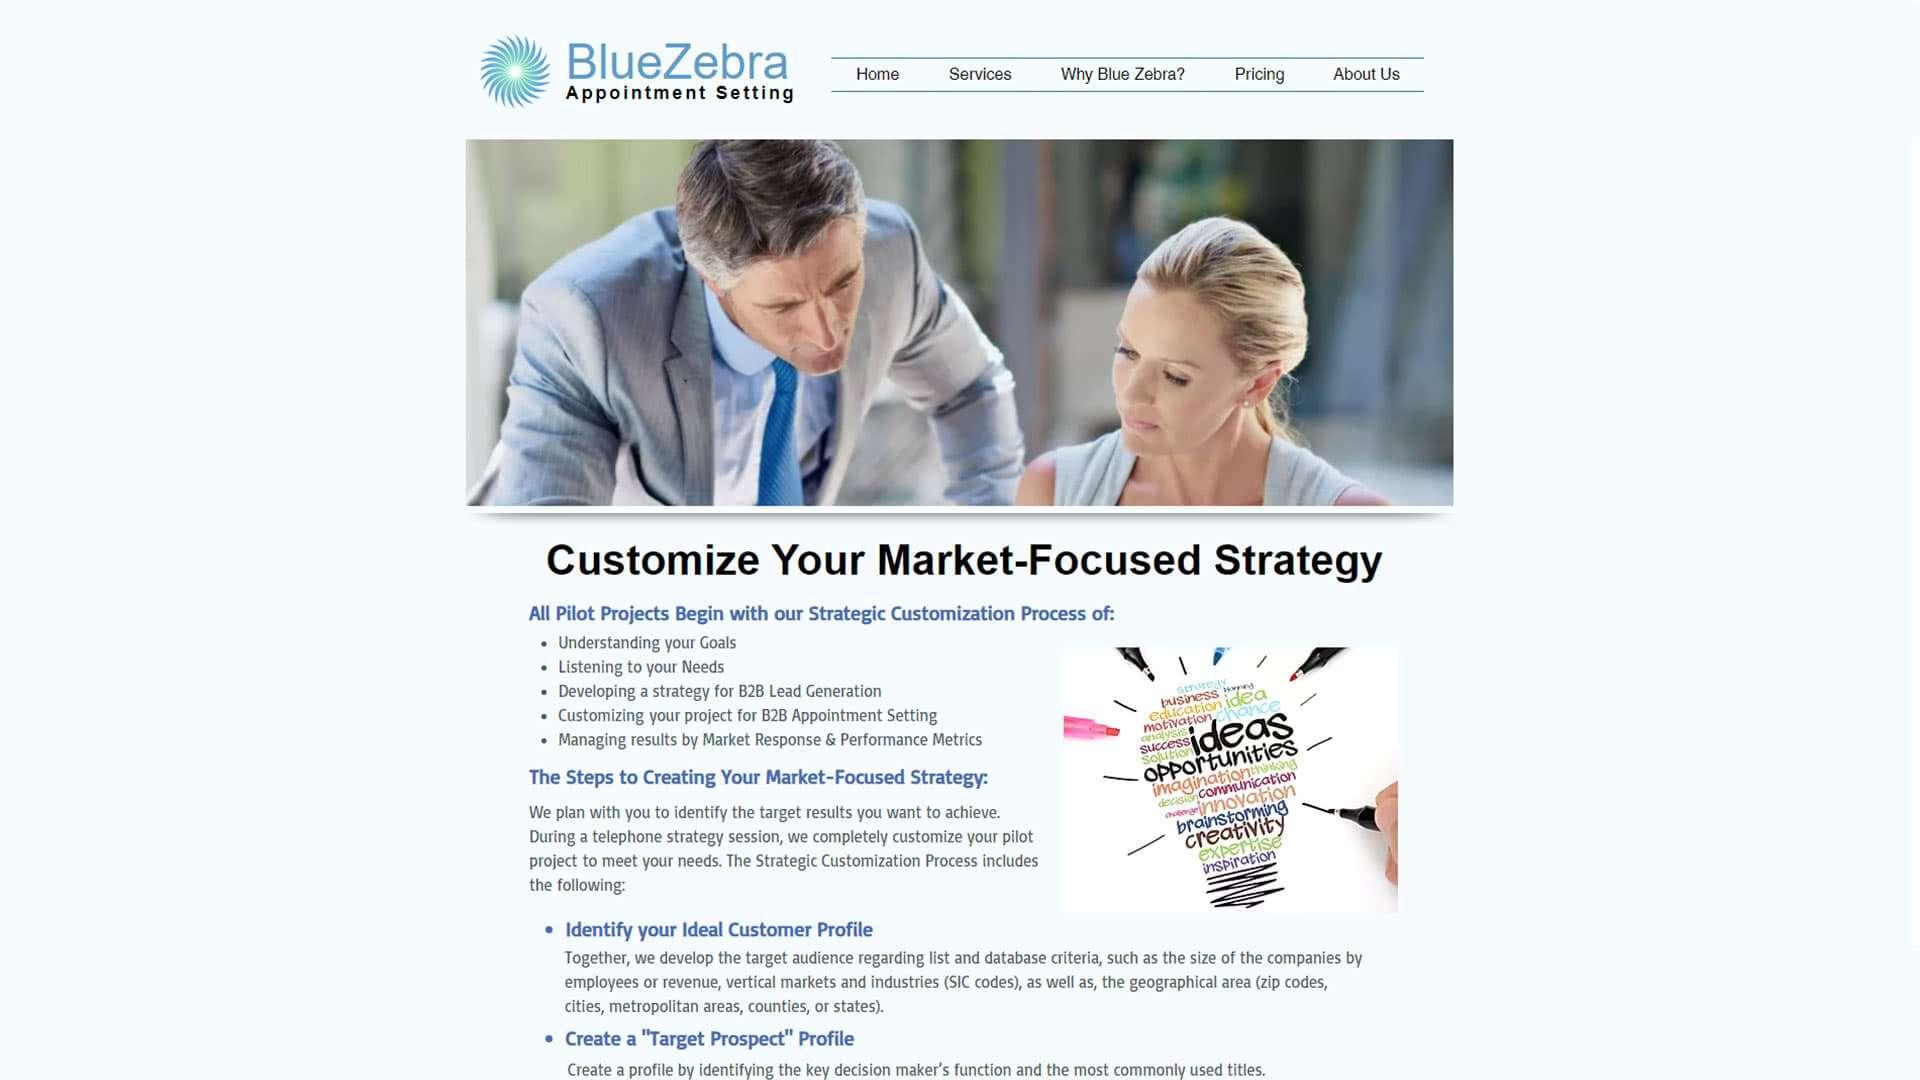 blue-zebra-appointment-setting-customization